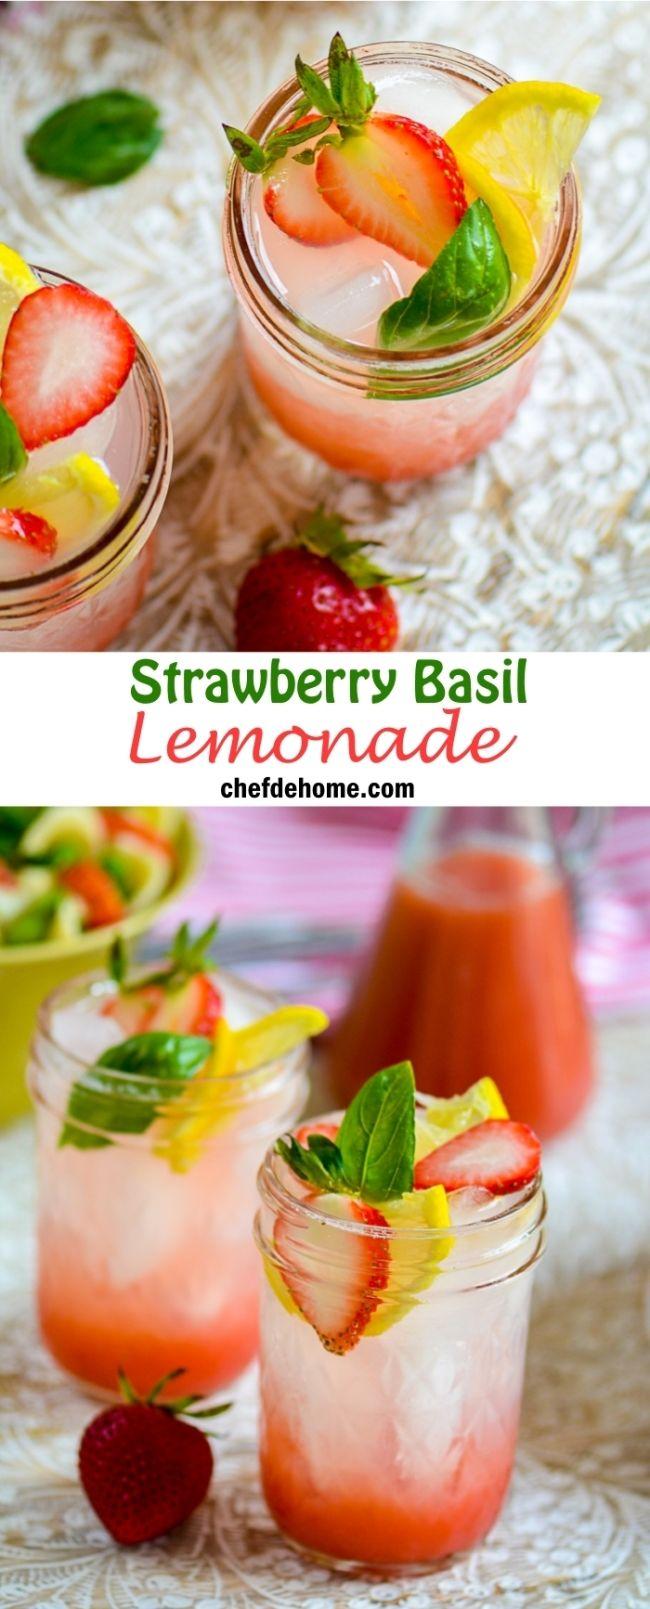 ... sparkling hibiscus lemonade sparkling hibiscus lemonade recipe see